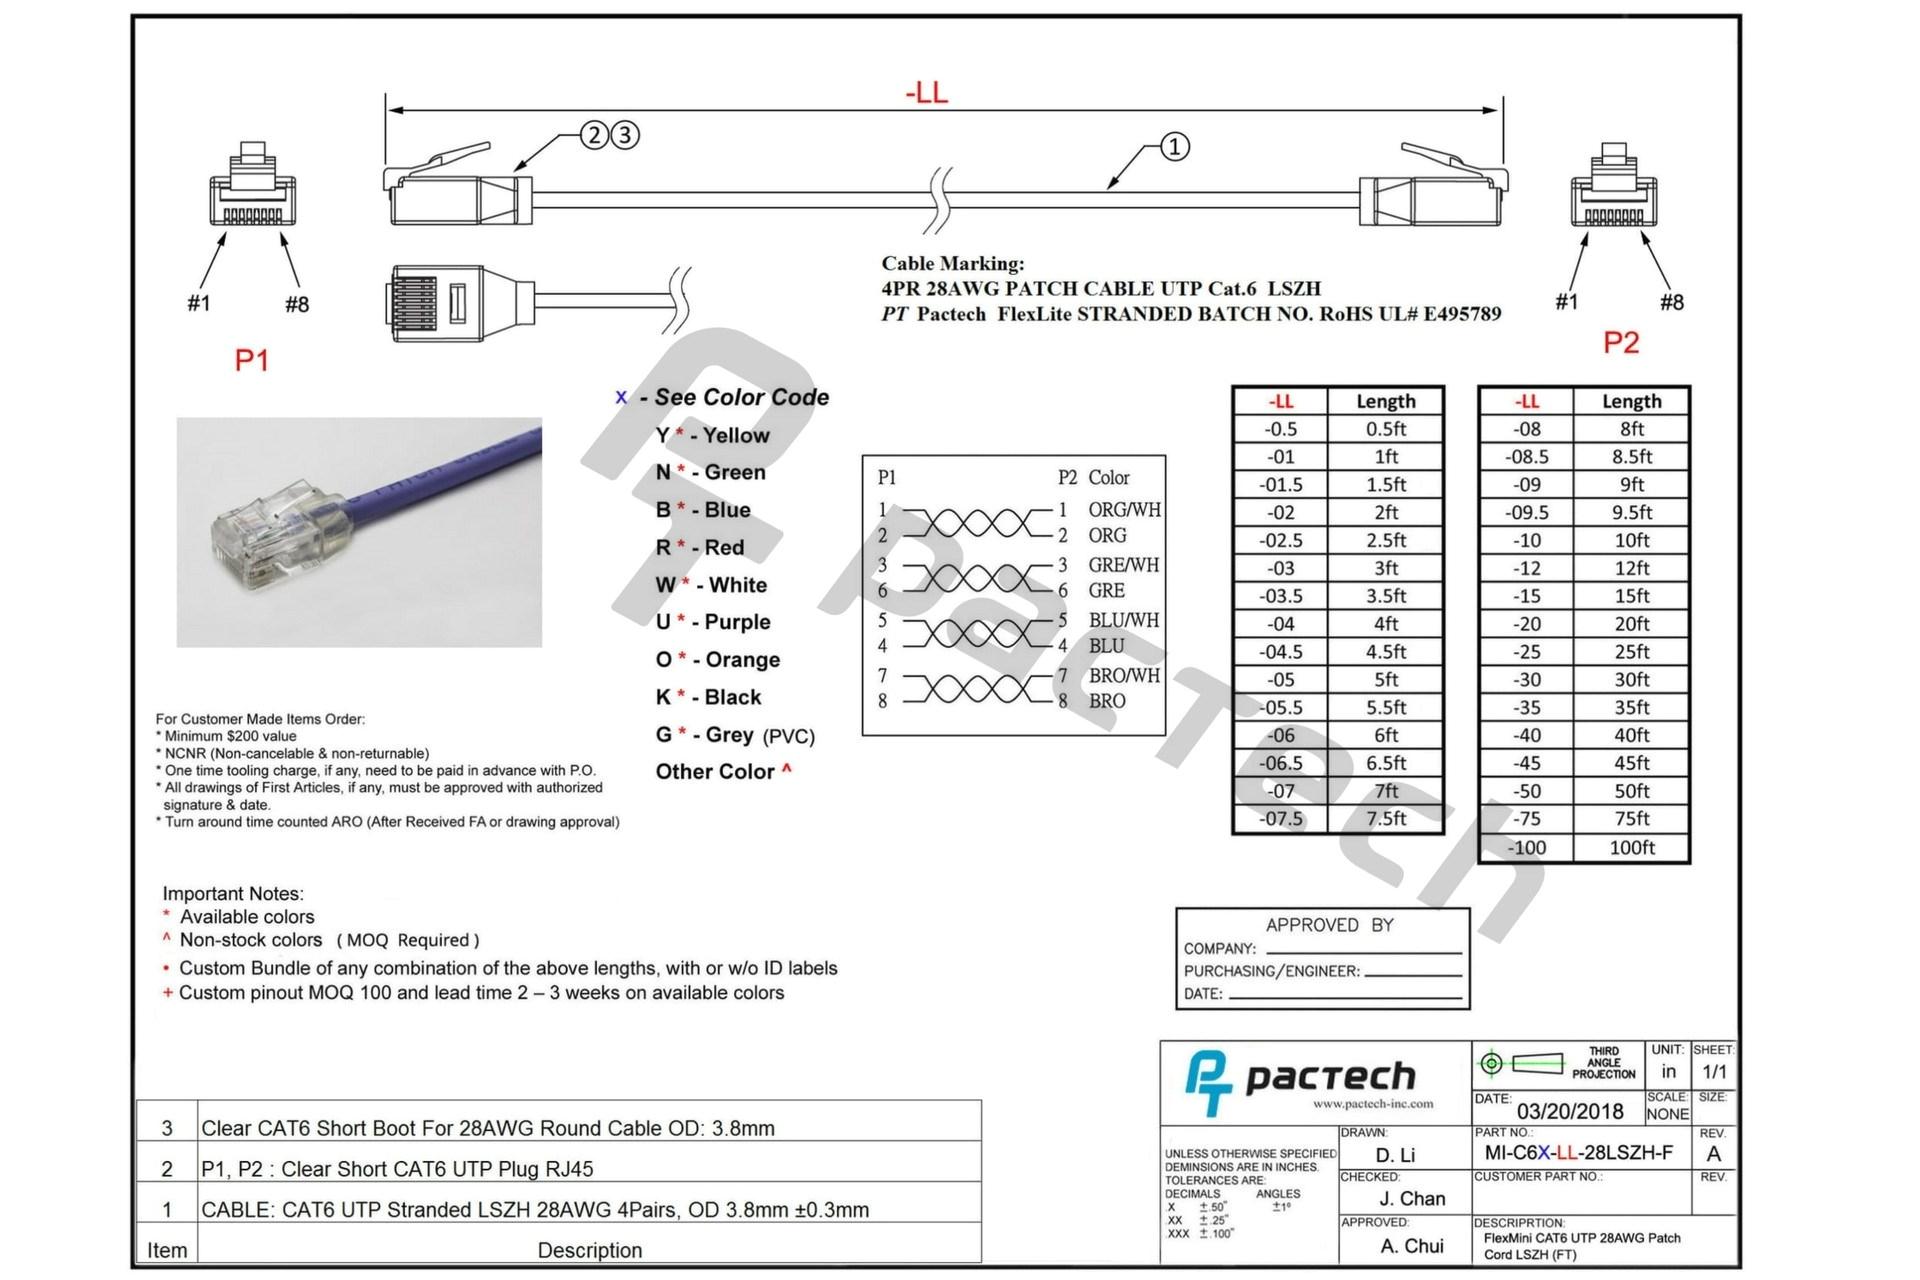 rj11 jack wiring wiring diagram mix rj11 jack wiring wiring diagram databaserj11 jack wiring diagram